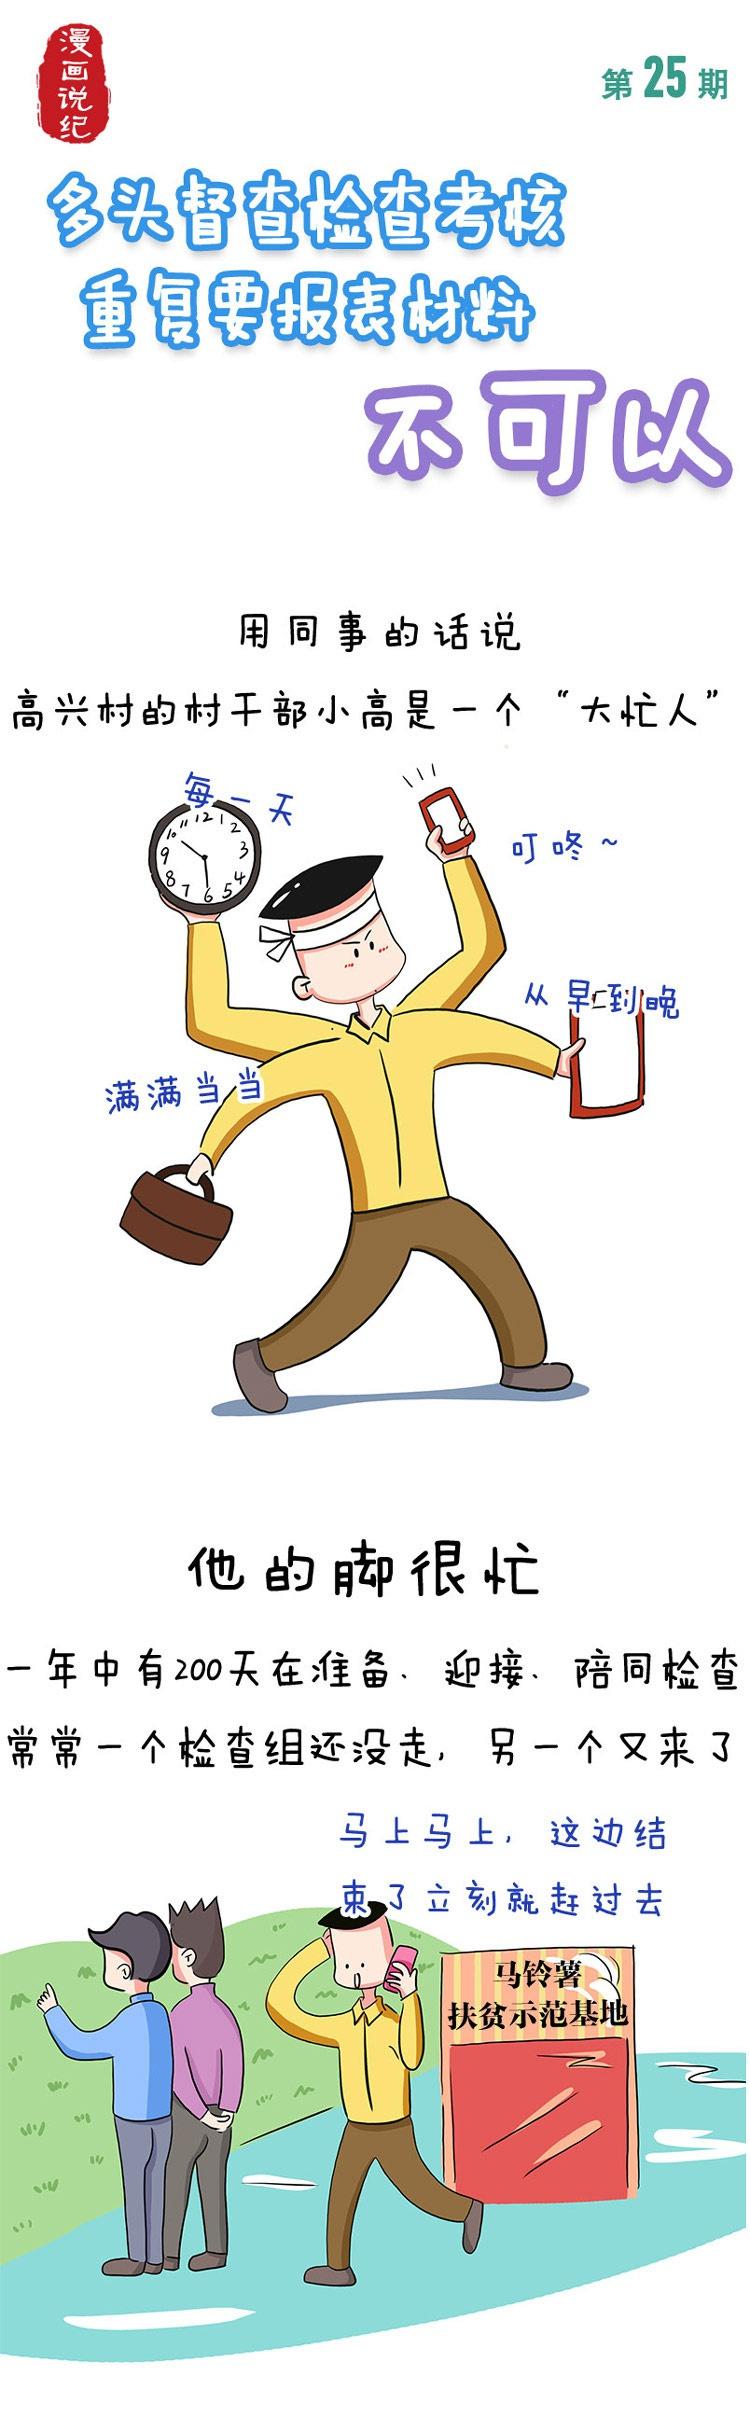 [摩鑫注册]漫画说纪丨多头督摩鑫注册查检查考核重复图片